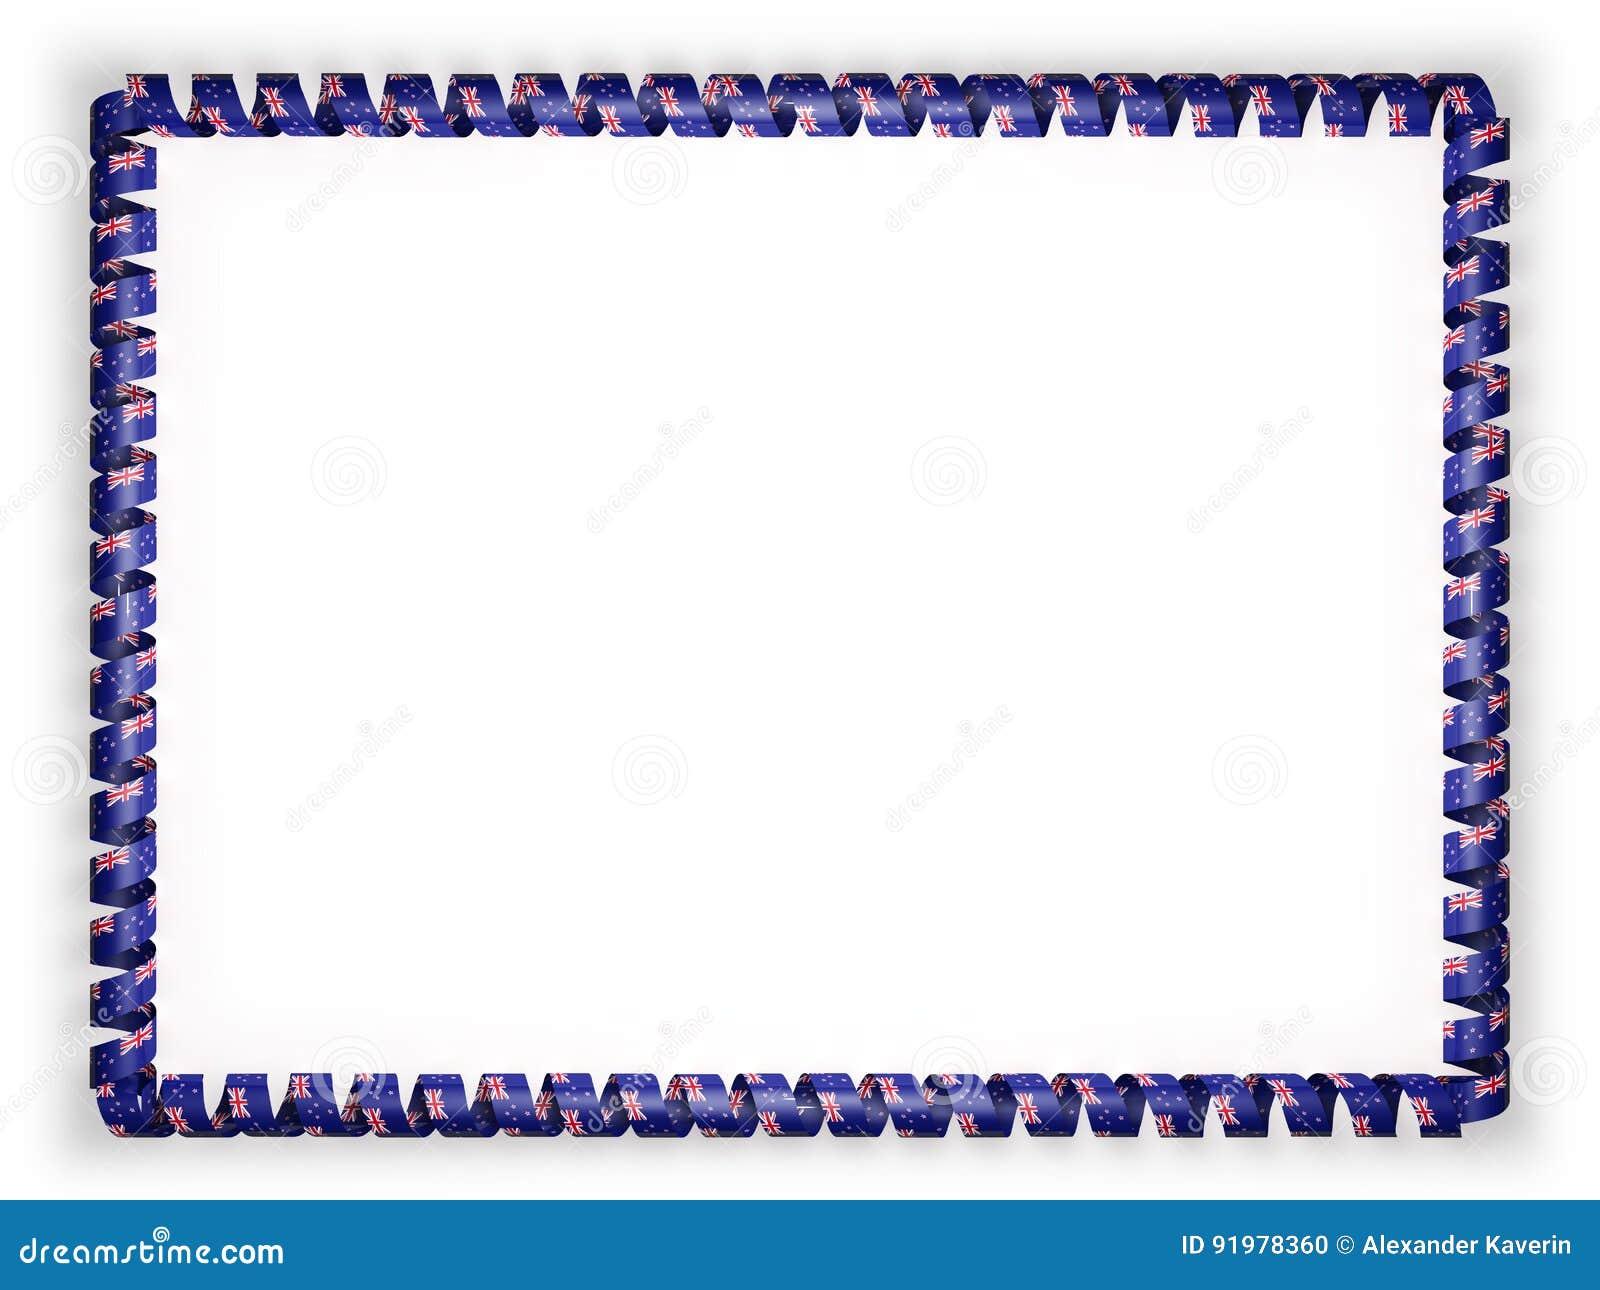 Feld Und Grenze Des Bandes Mit Der Neuseeland-Flagge Abbildung 3D ...